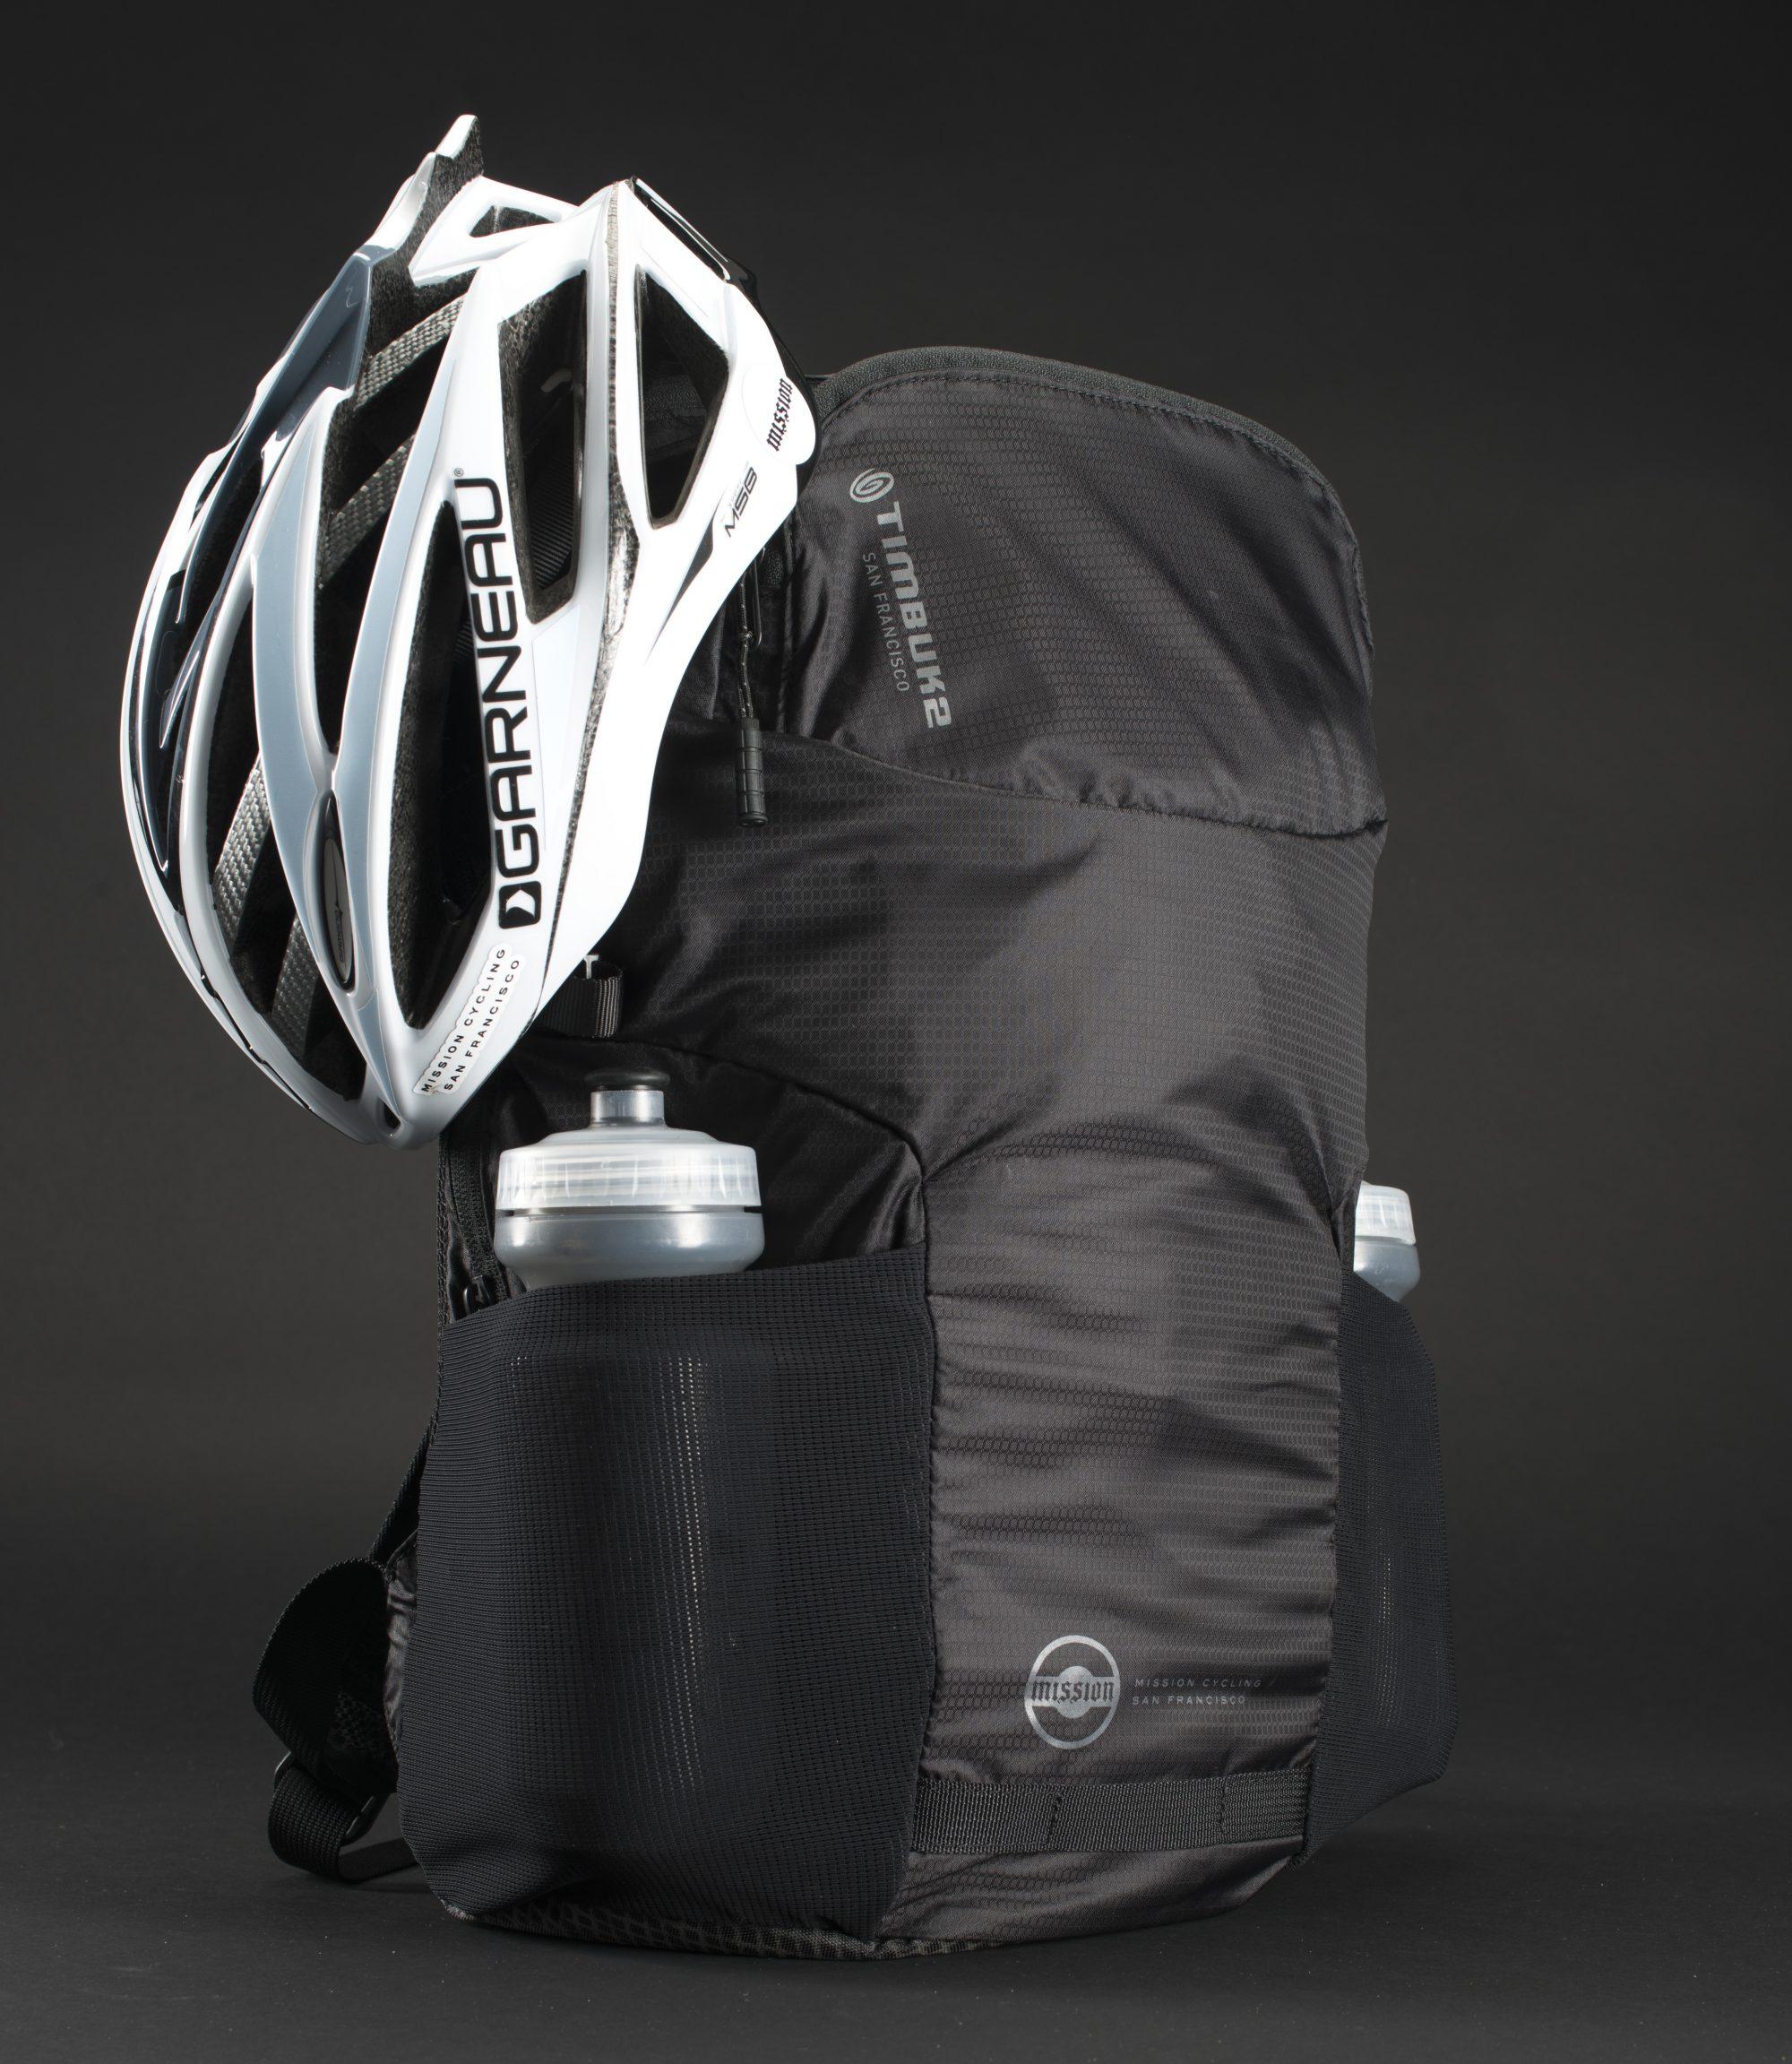 raider.bike_-e1460575348108